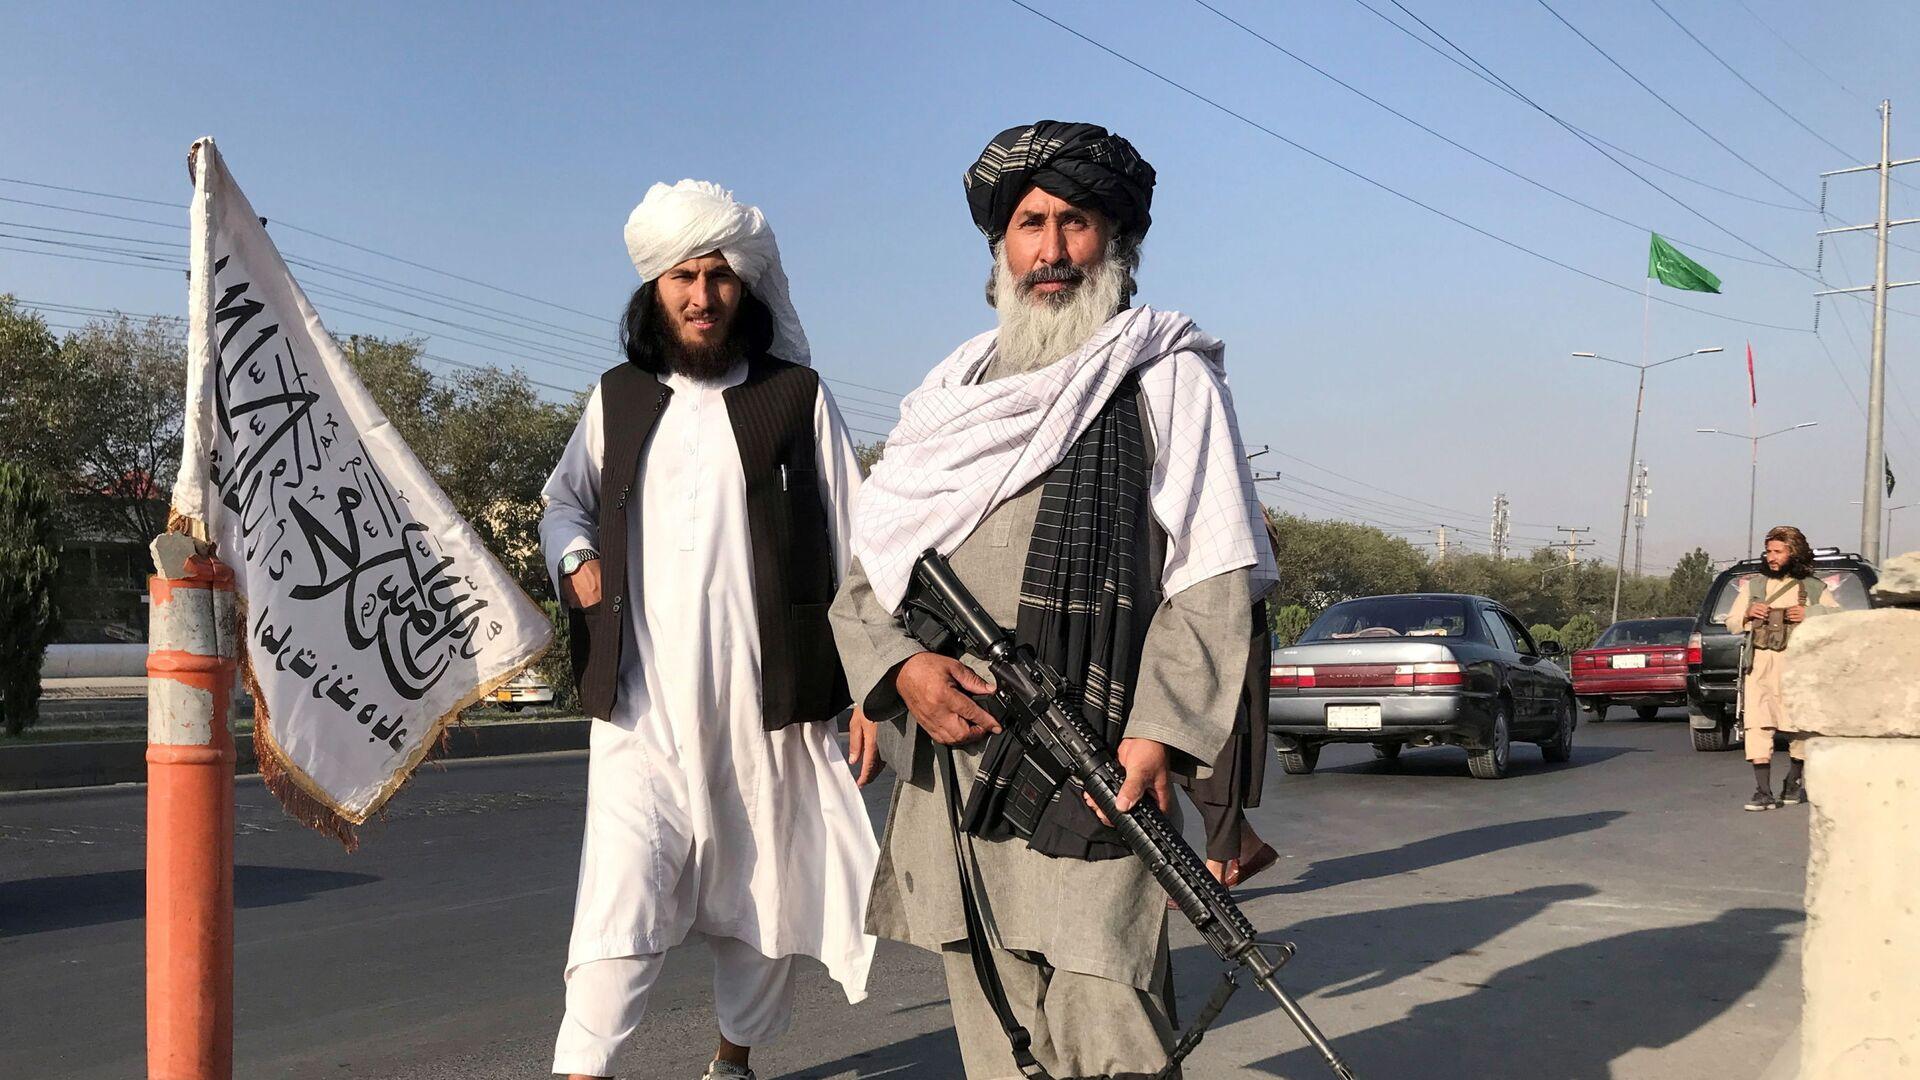 Bojovník Tálibánu (teroristická organizace zakázaná v Rusku a několika dalších zemích) s americkou puškou M16 v Kábulu - Sputnik Česká republika, 1920, 21.08.2021